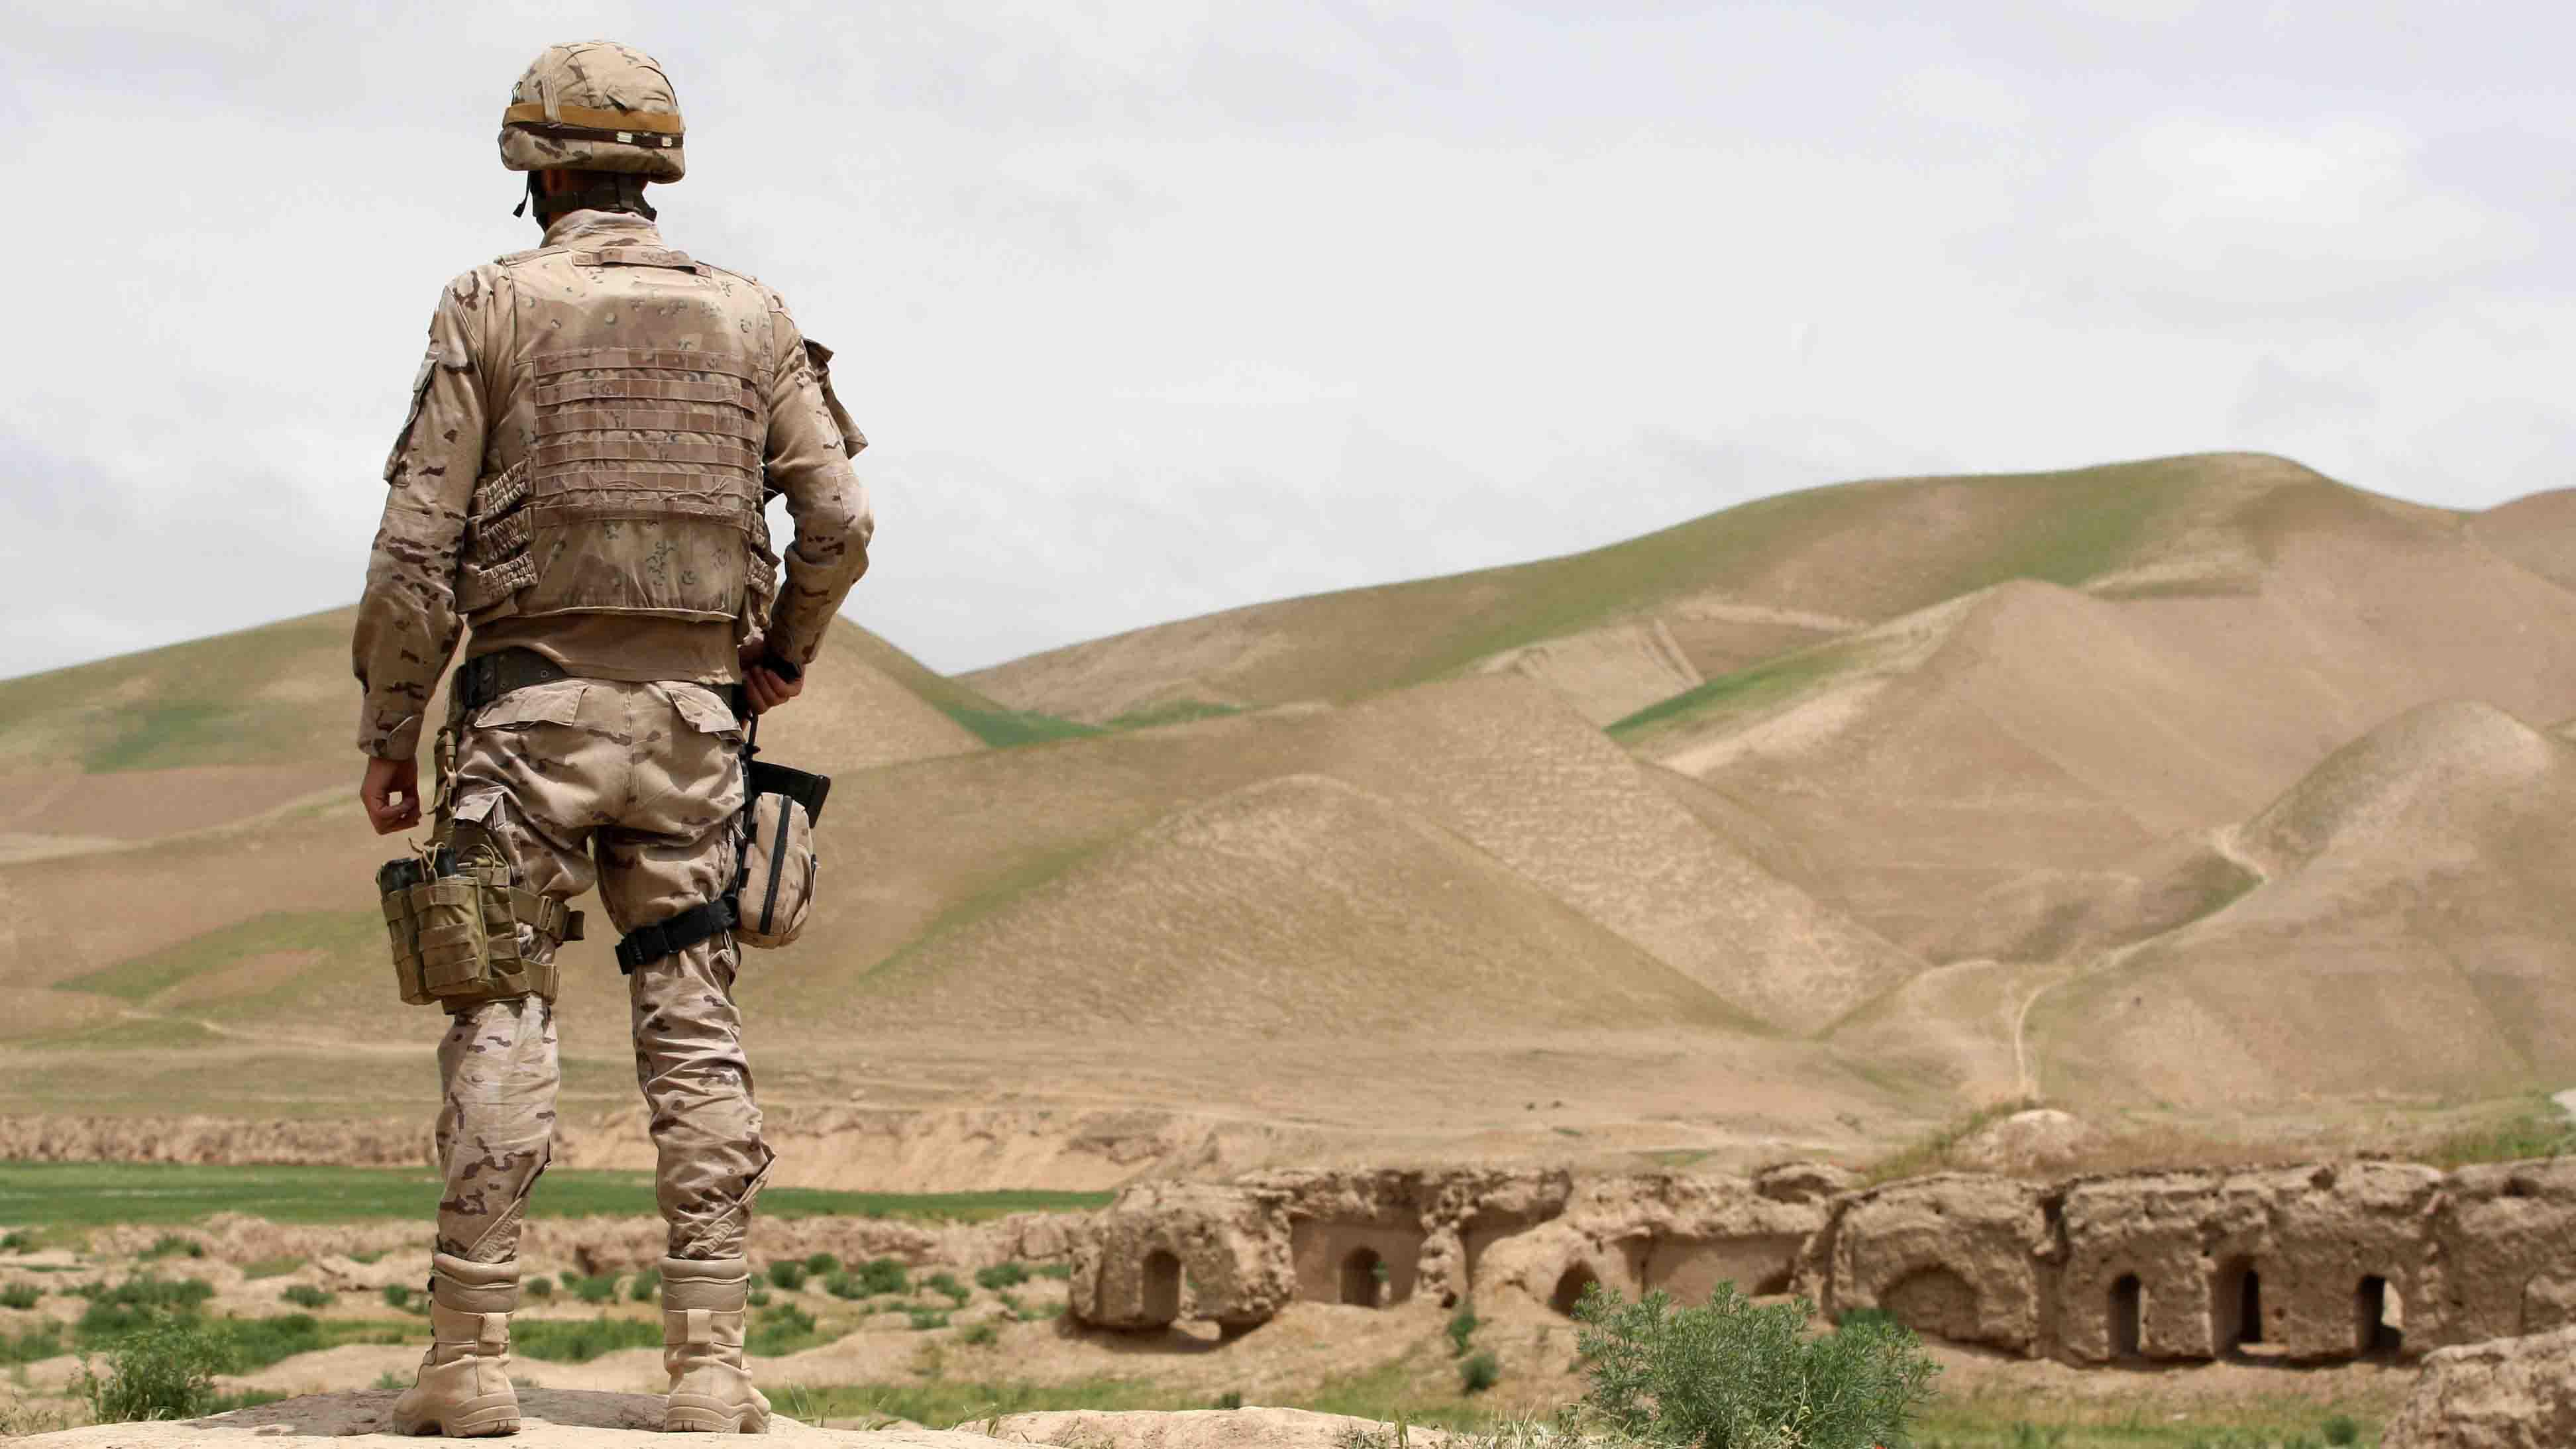 Entre los fallecidos se ubica Mulá Ahmad, responsable de la planificación y ejecución de ataques en Helmand